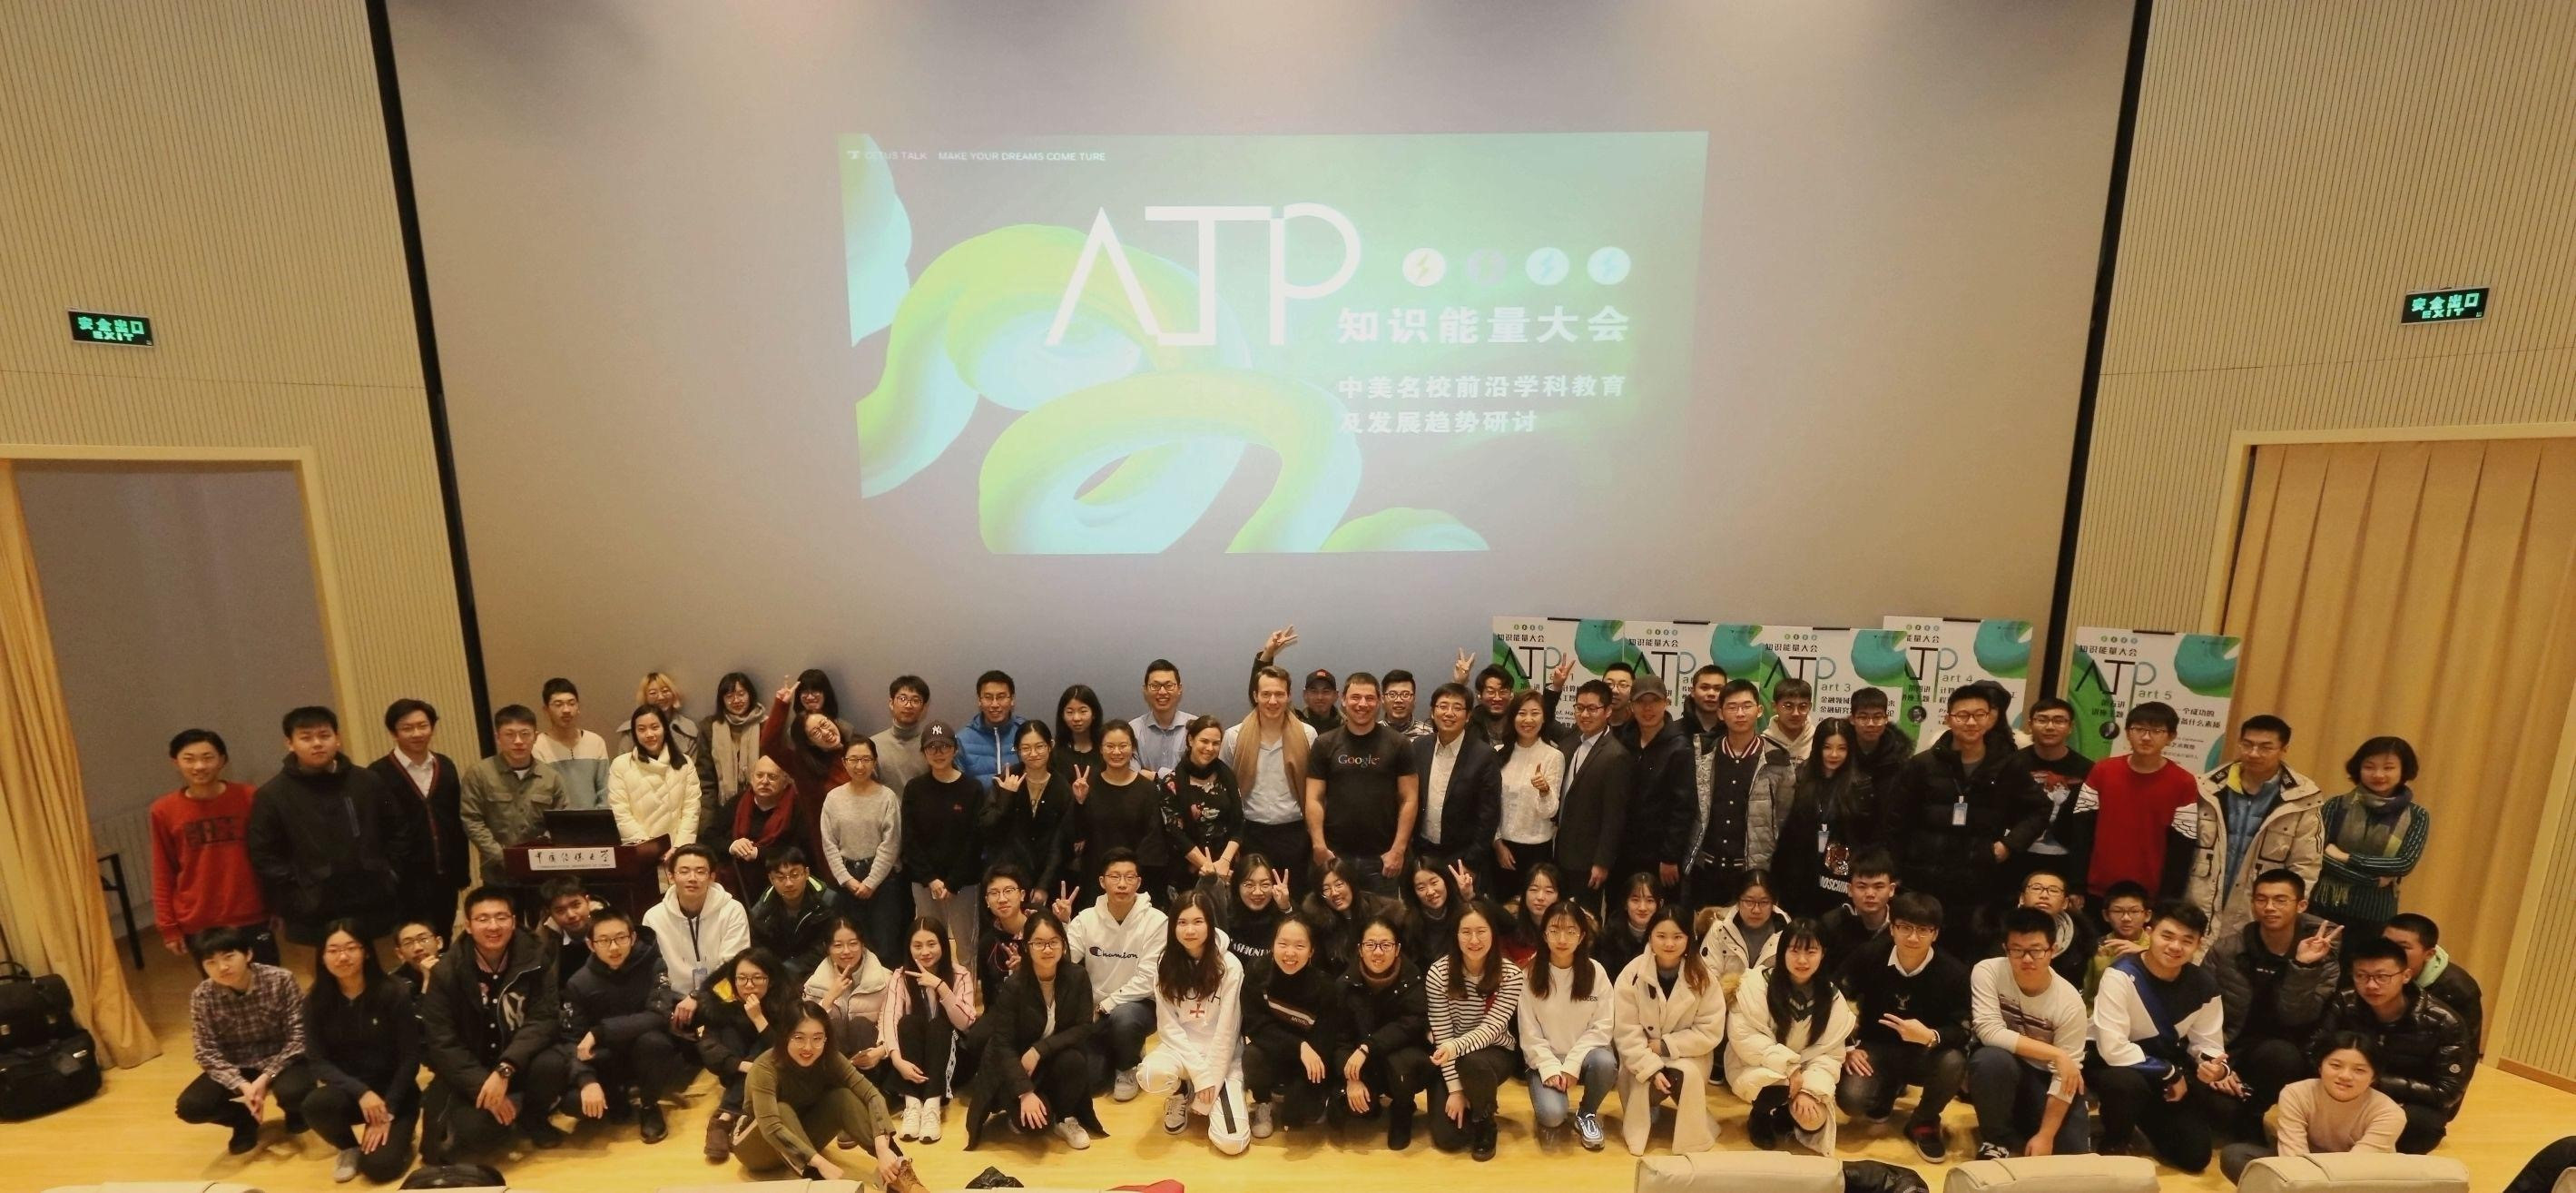 ATP首届峰会暨ATEE-Plan美国名校教授科研营中国传媒大学开幕